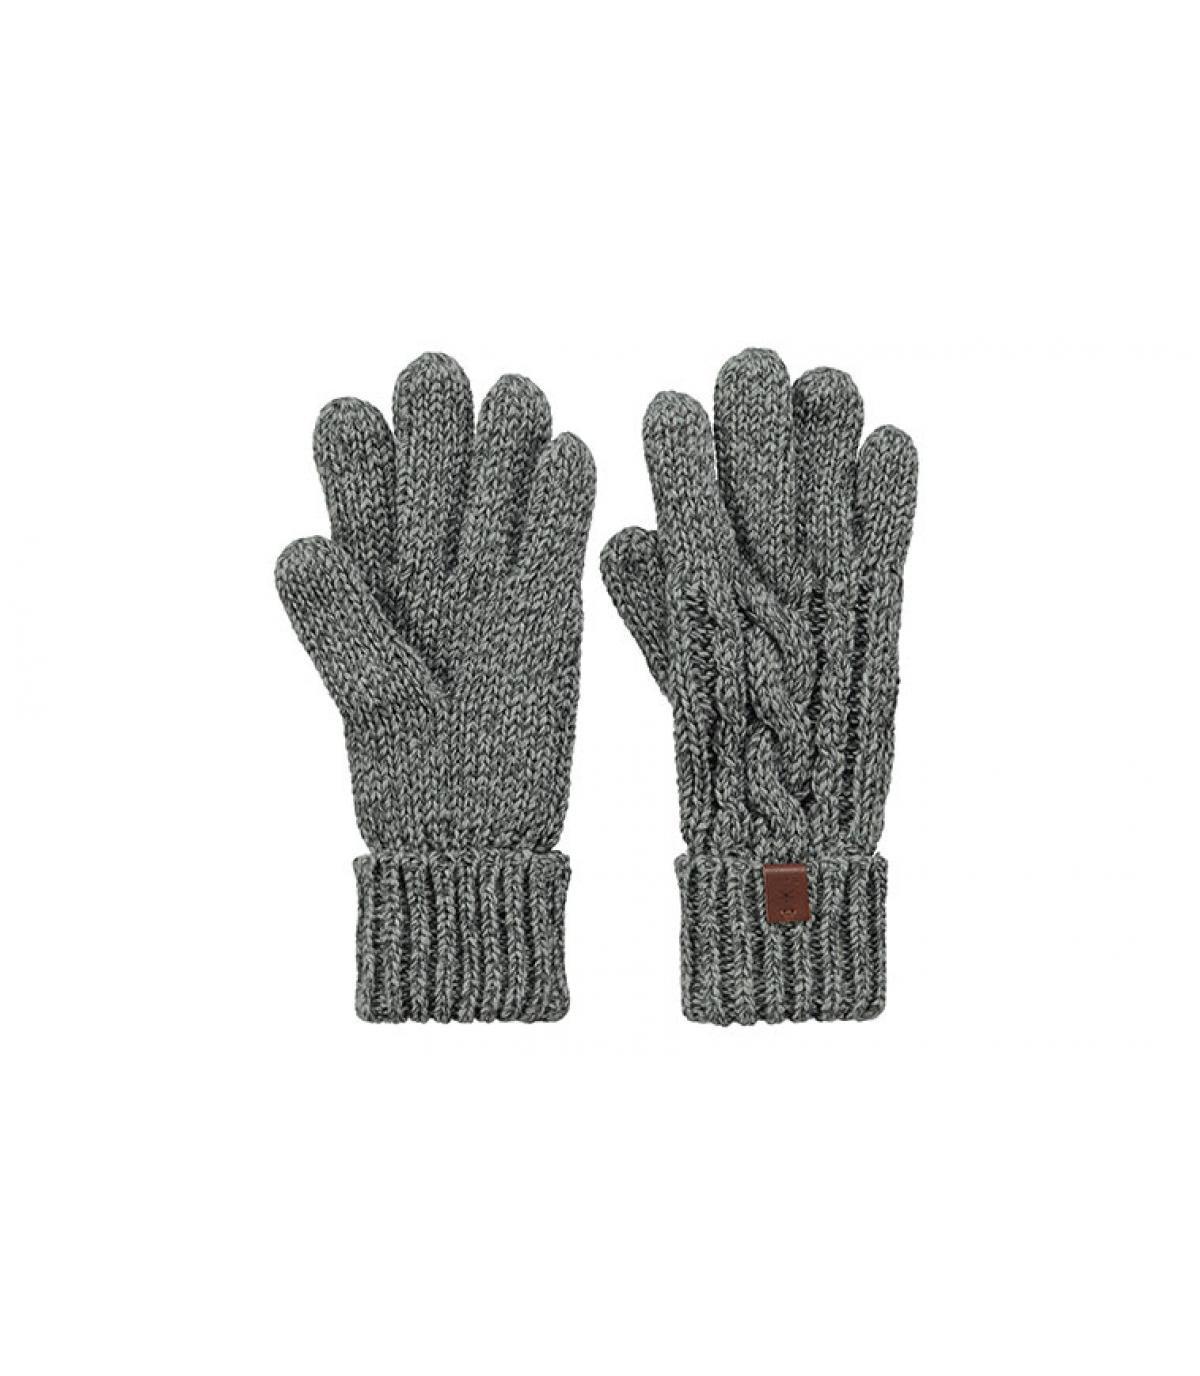 Details Twister Gloves heather grey - Abbildung 2